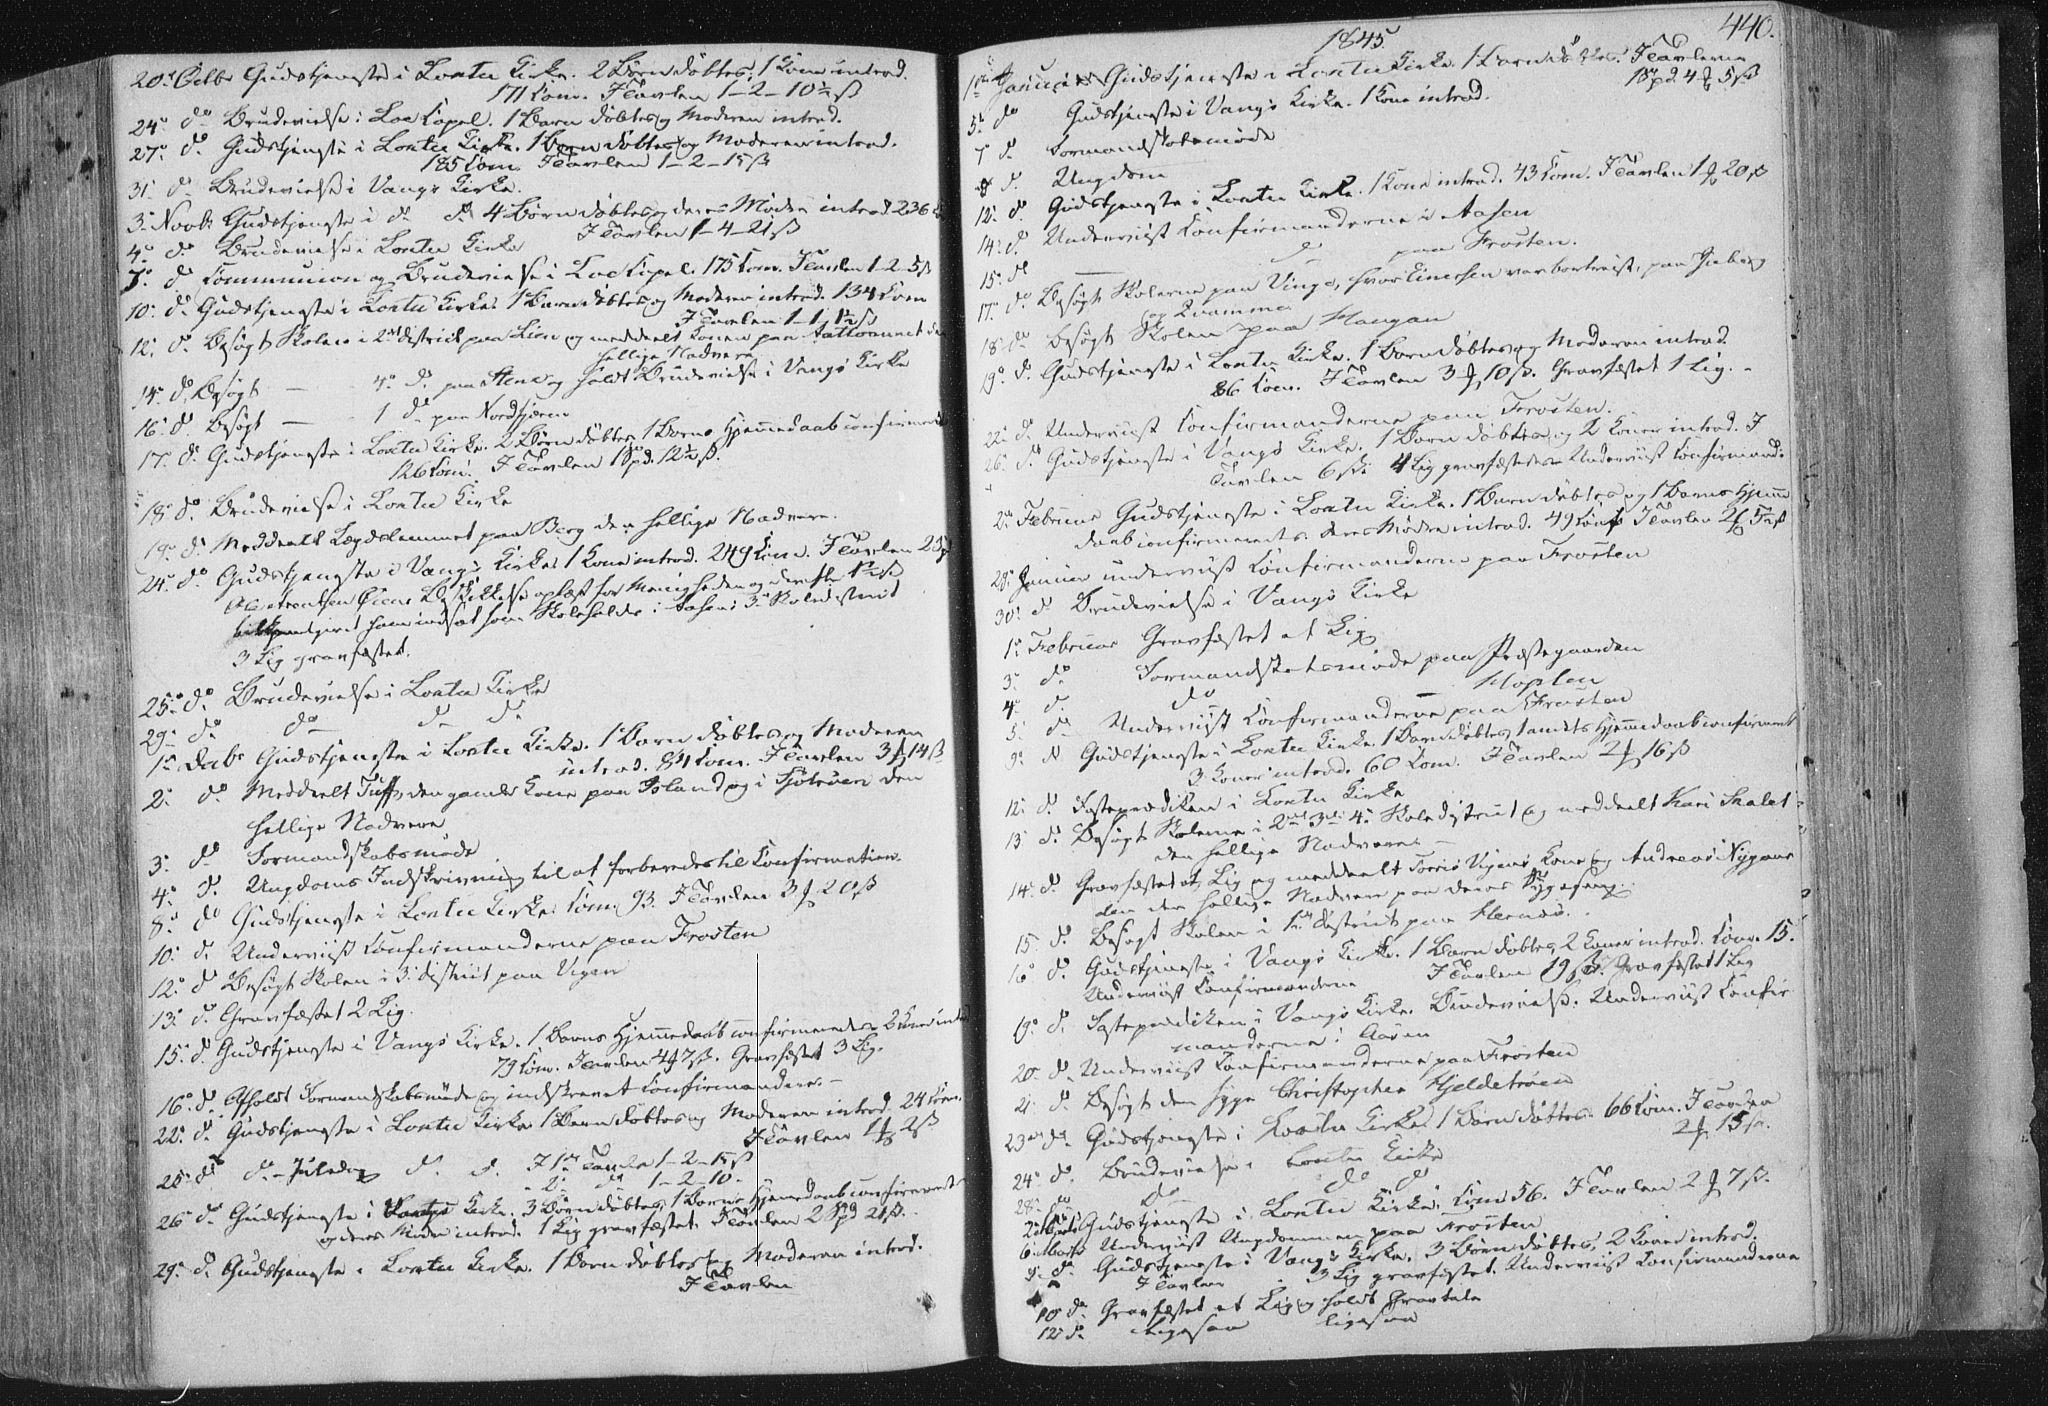 SAT, Ministerialprotokoller, klokkerbøker og fødselsregistre - Nord-Trøndelag, 713/L0115: Ministerialbok nr. 713A06, 1838-1851, s. 440